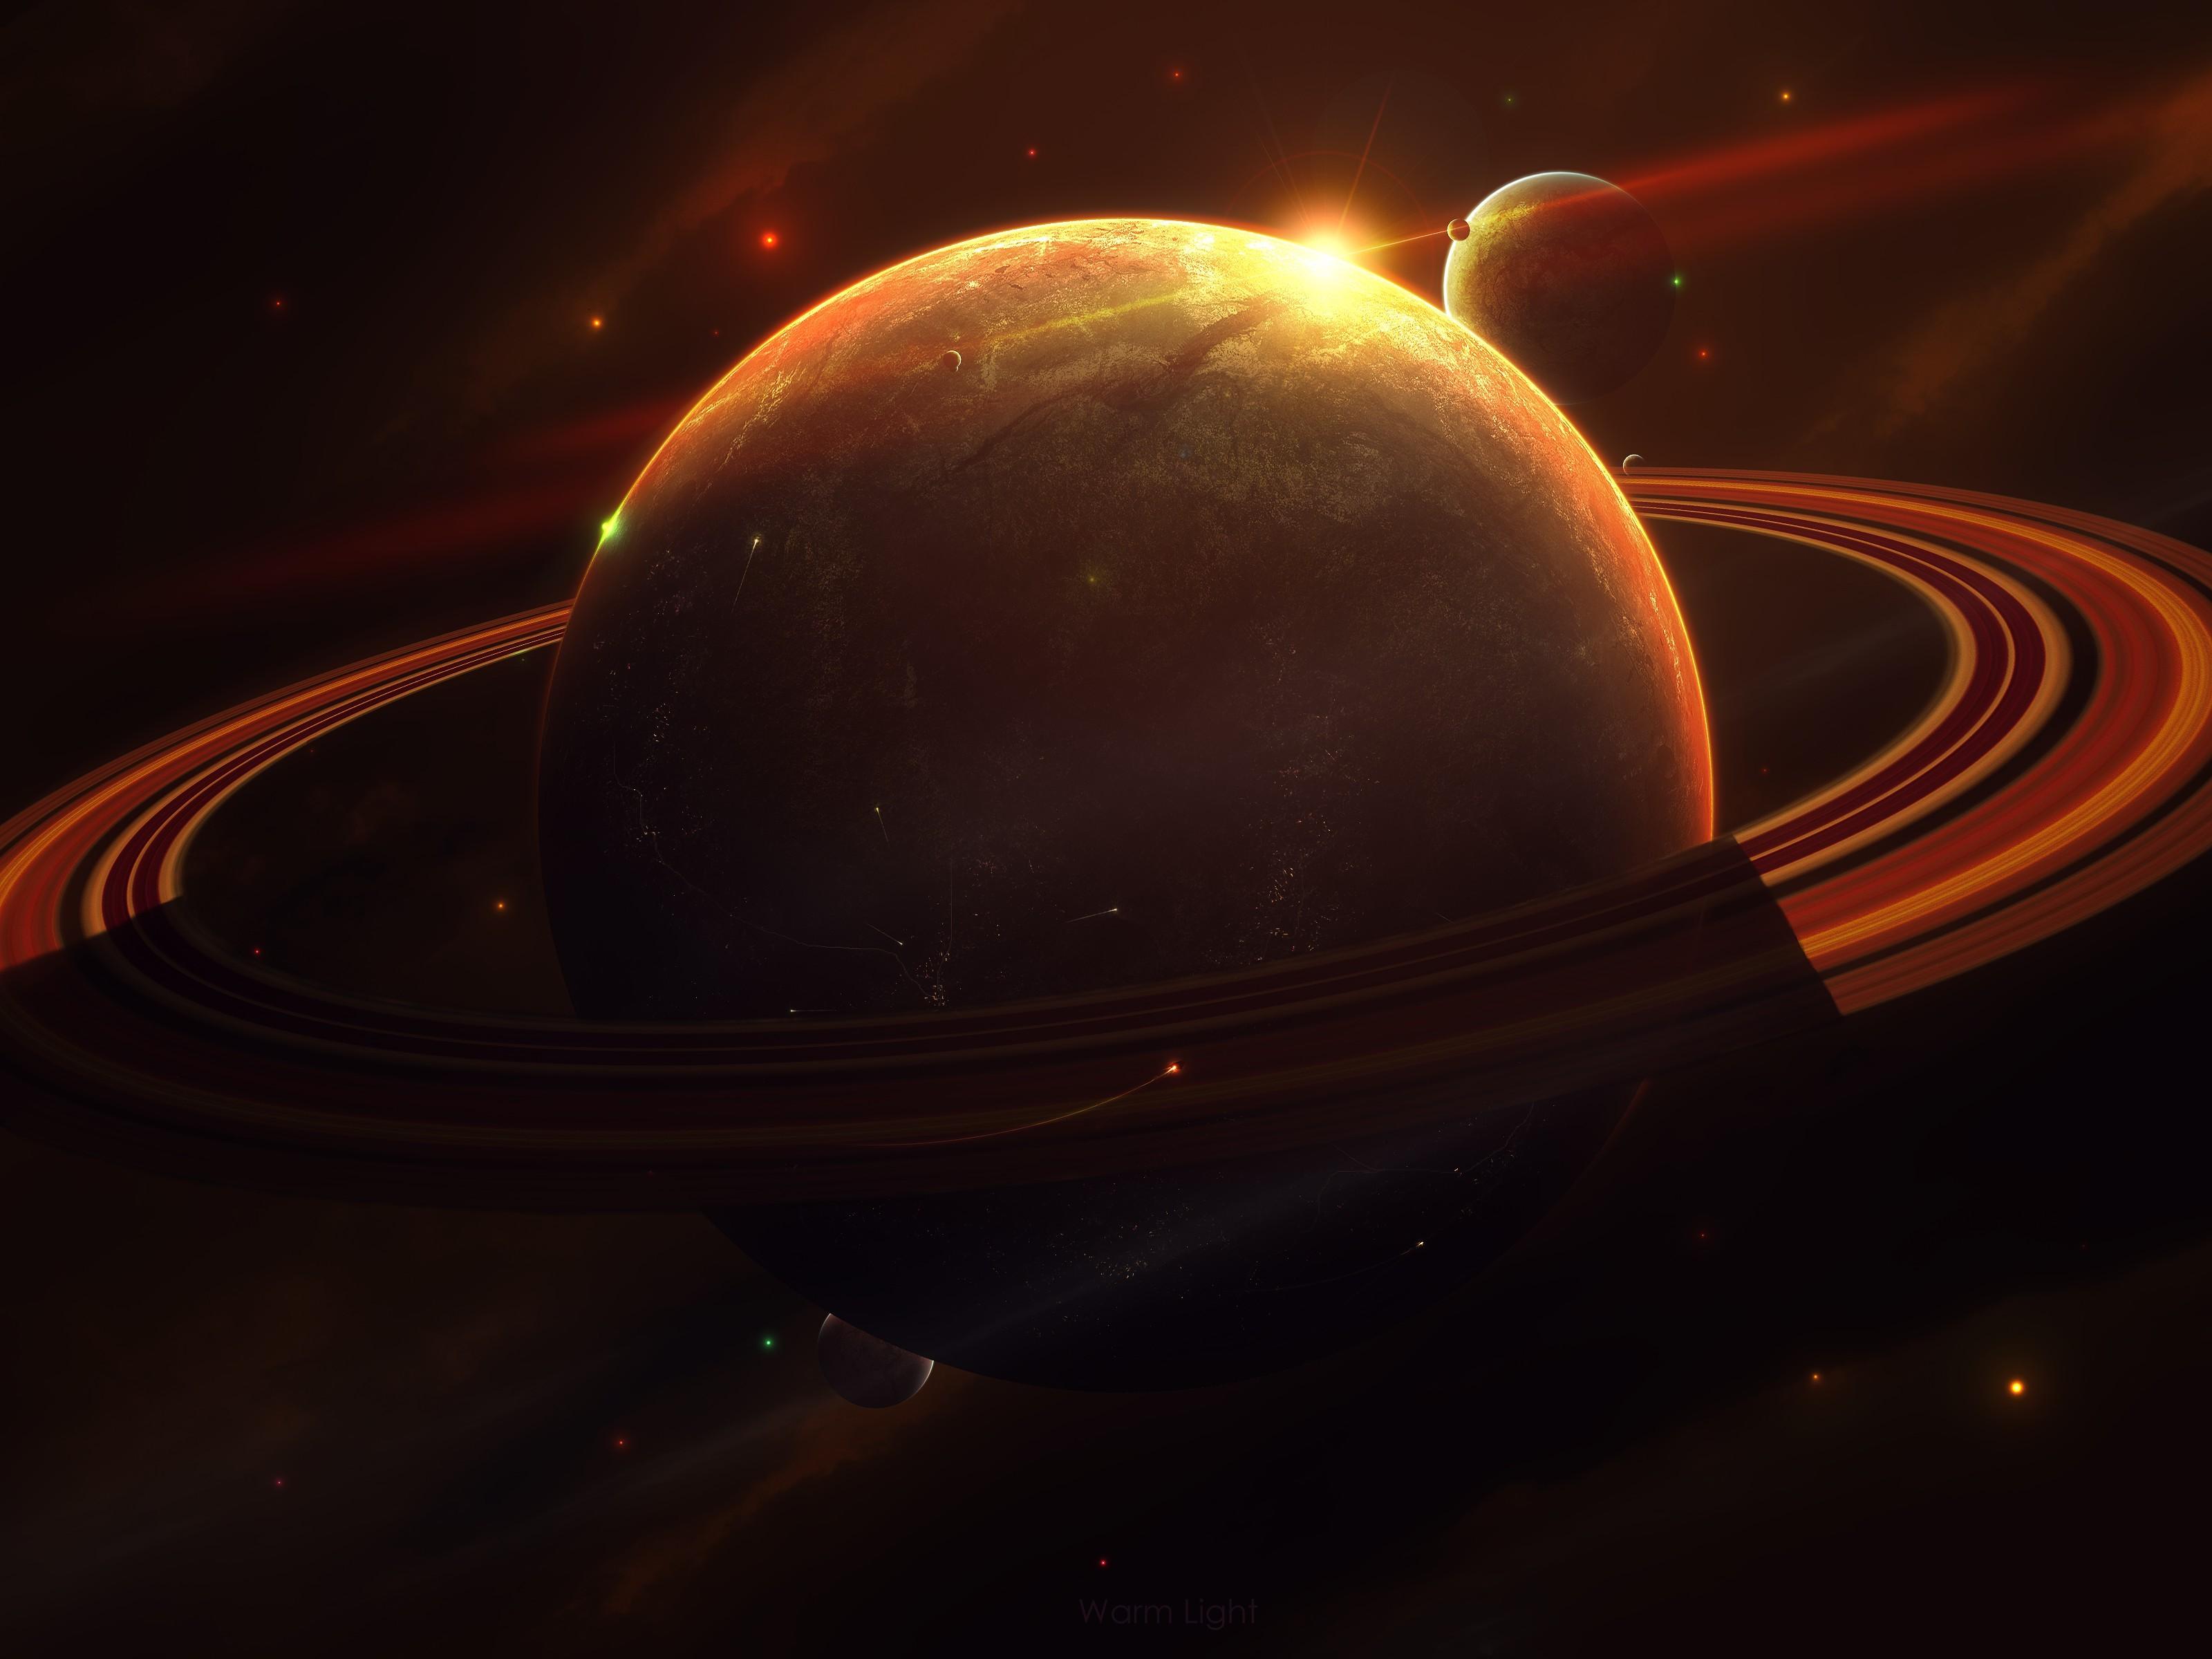 planet saturn rings - HD1920×1080